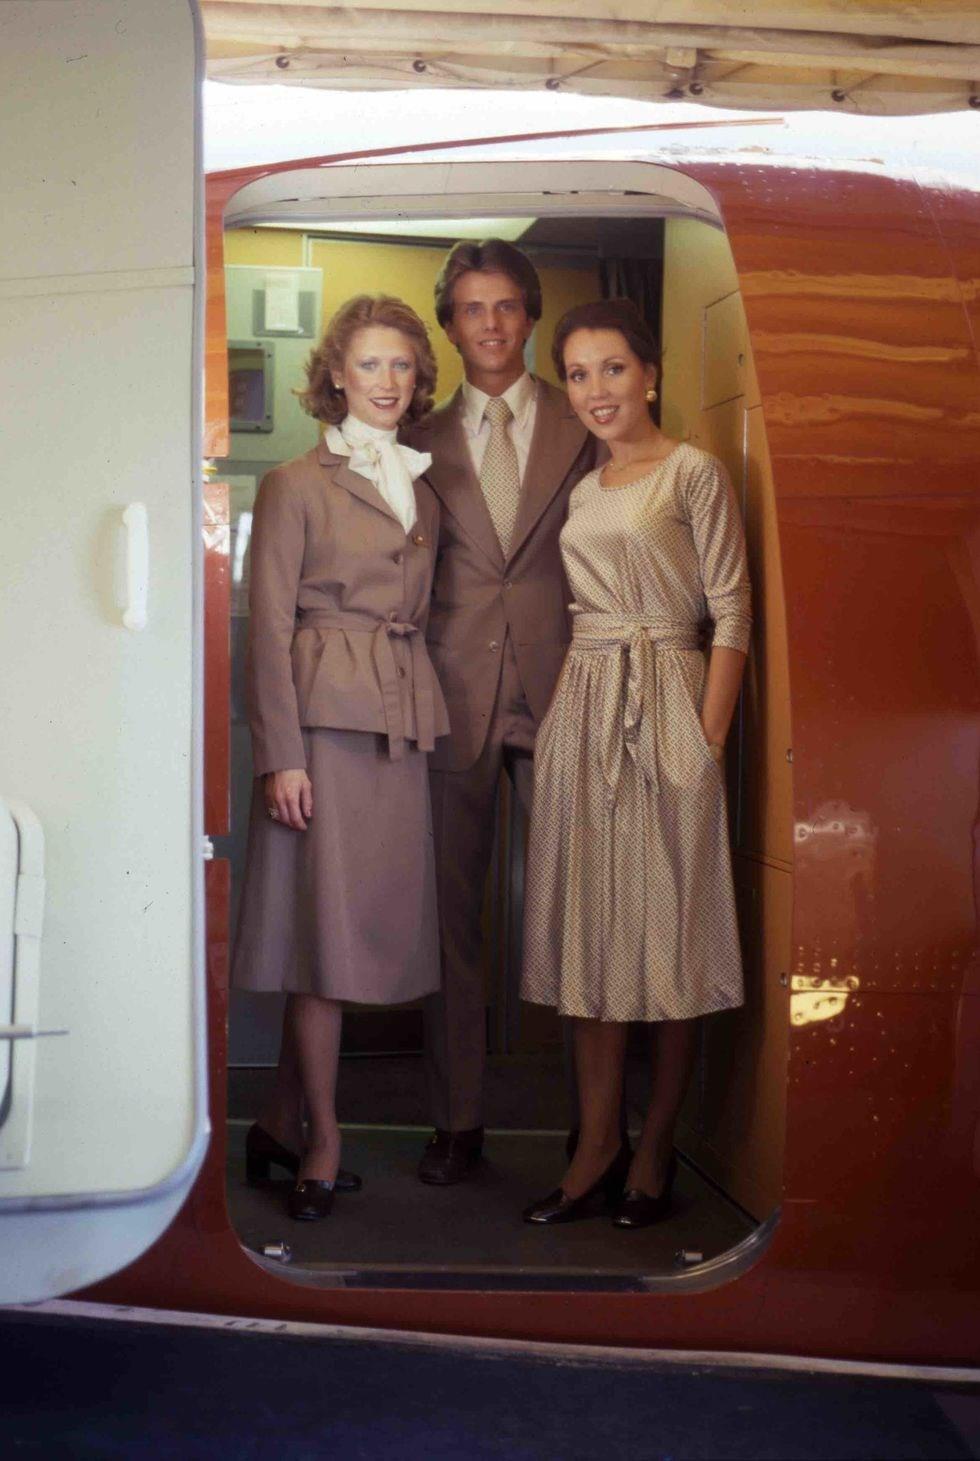 طراحی لباس مهمانداران هواپیما برانیف توسط هالستون